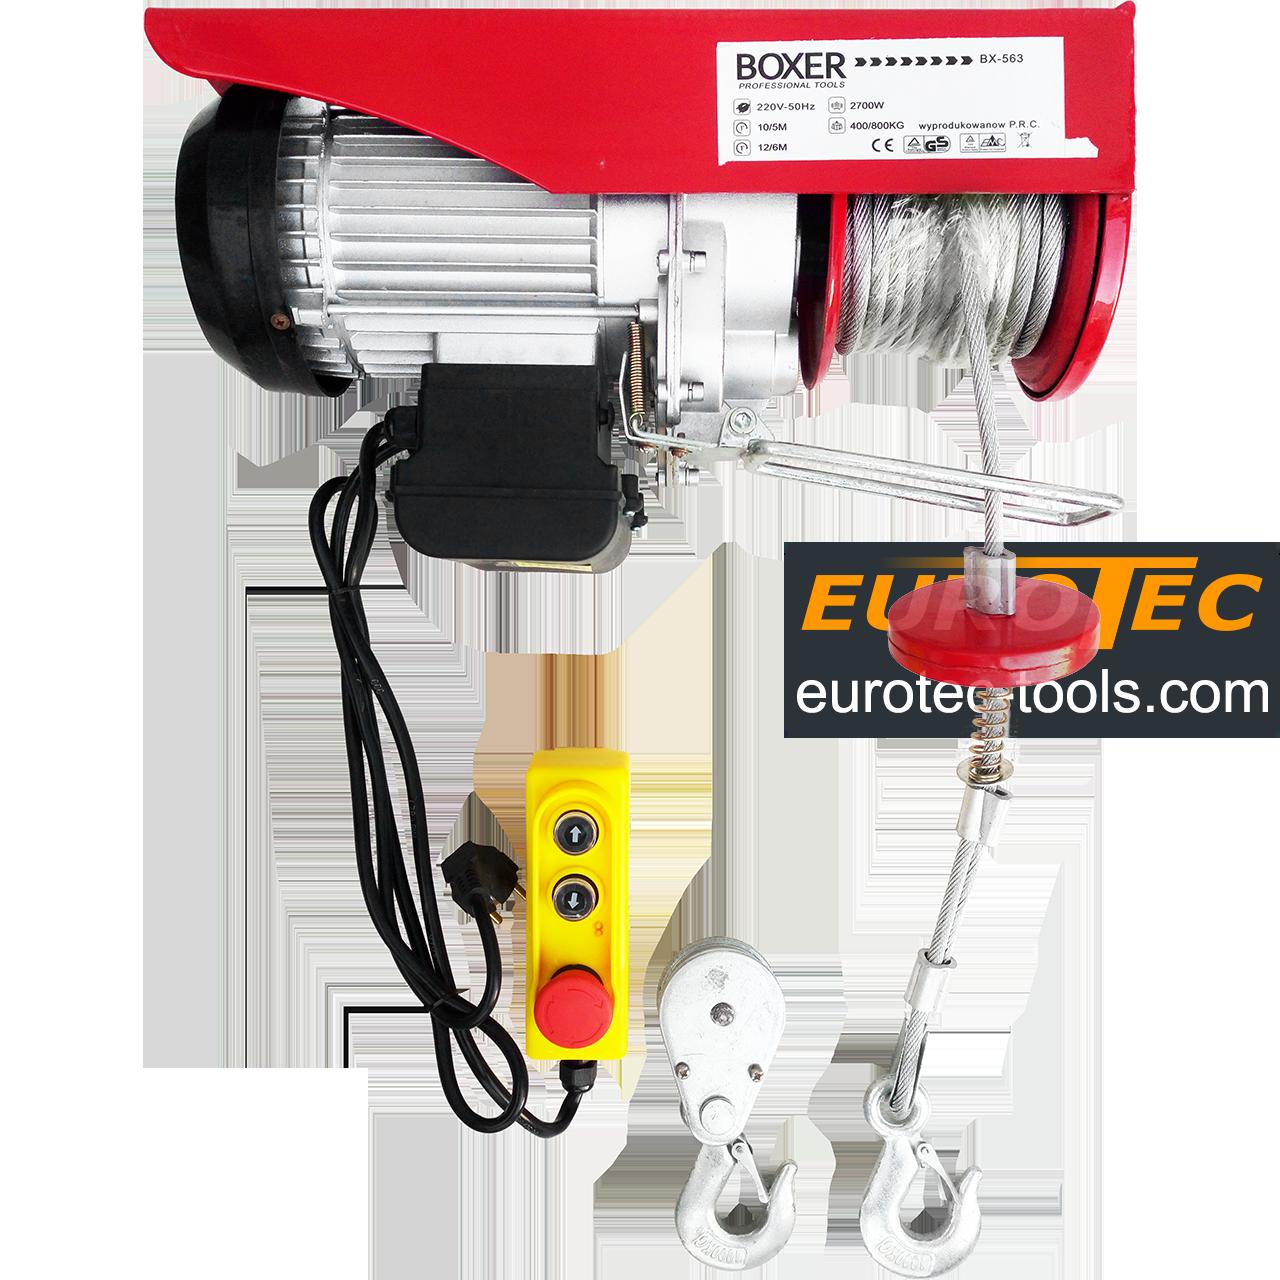 Тельфер 800 кг / 400 кг, 6/12 м Boxer BX-563 электрический тельфер электроталь электрическая лебёдка